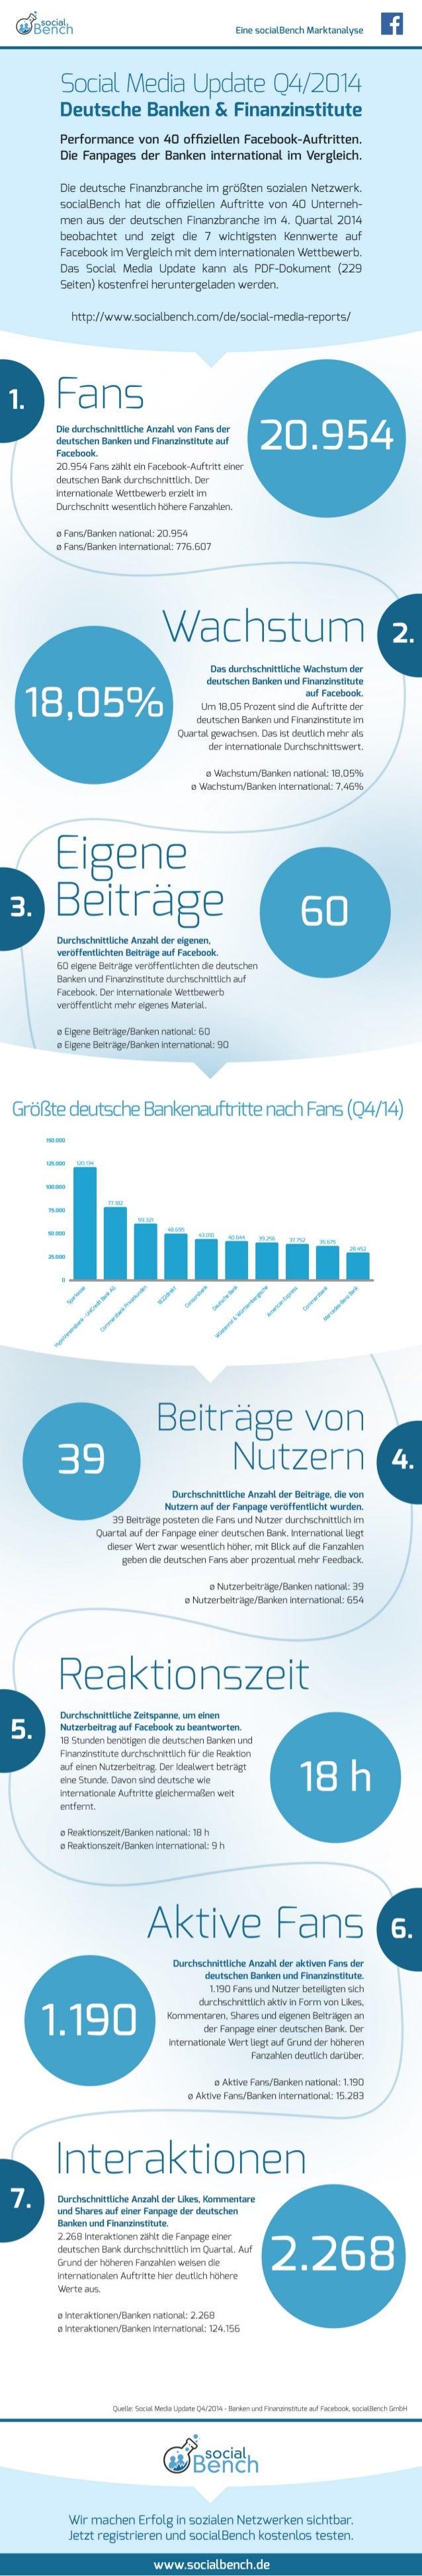 Infografik: Social Media Update Q4/2014 - Banken und Finanzinstitute auf Facebook